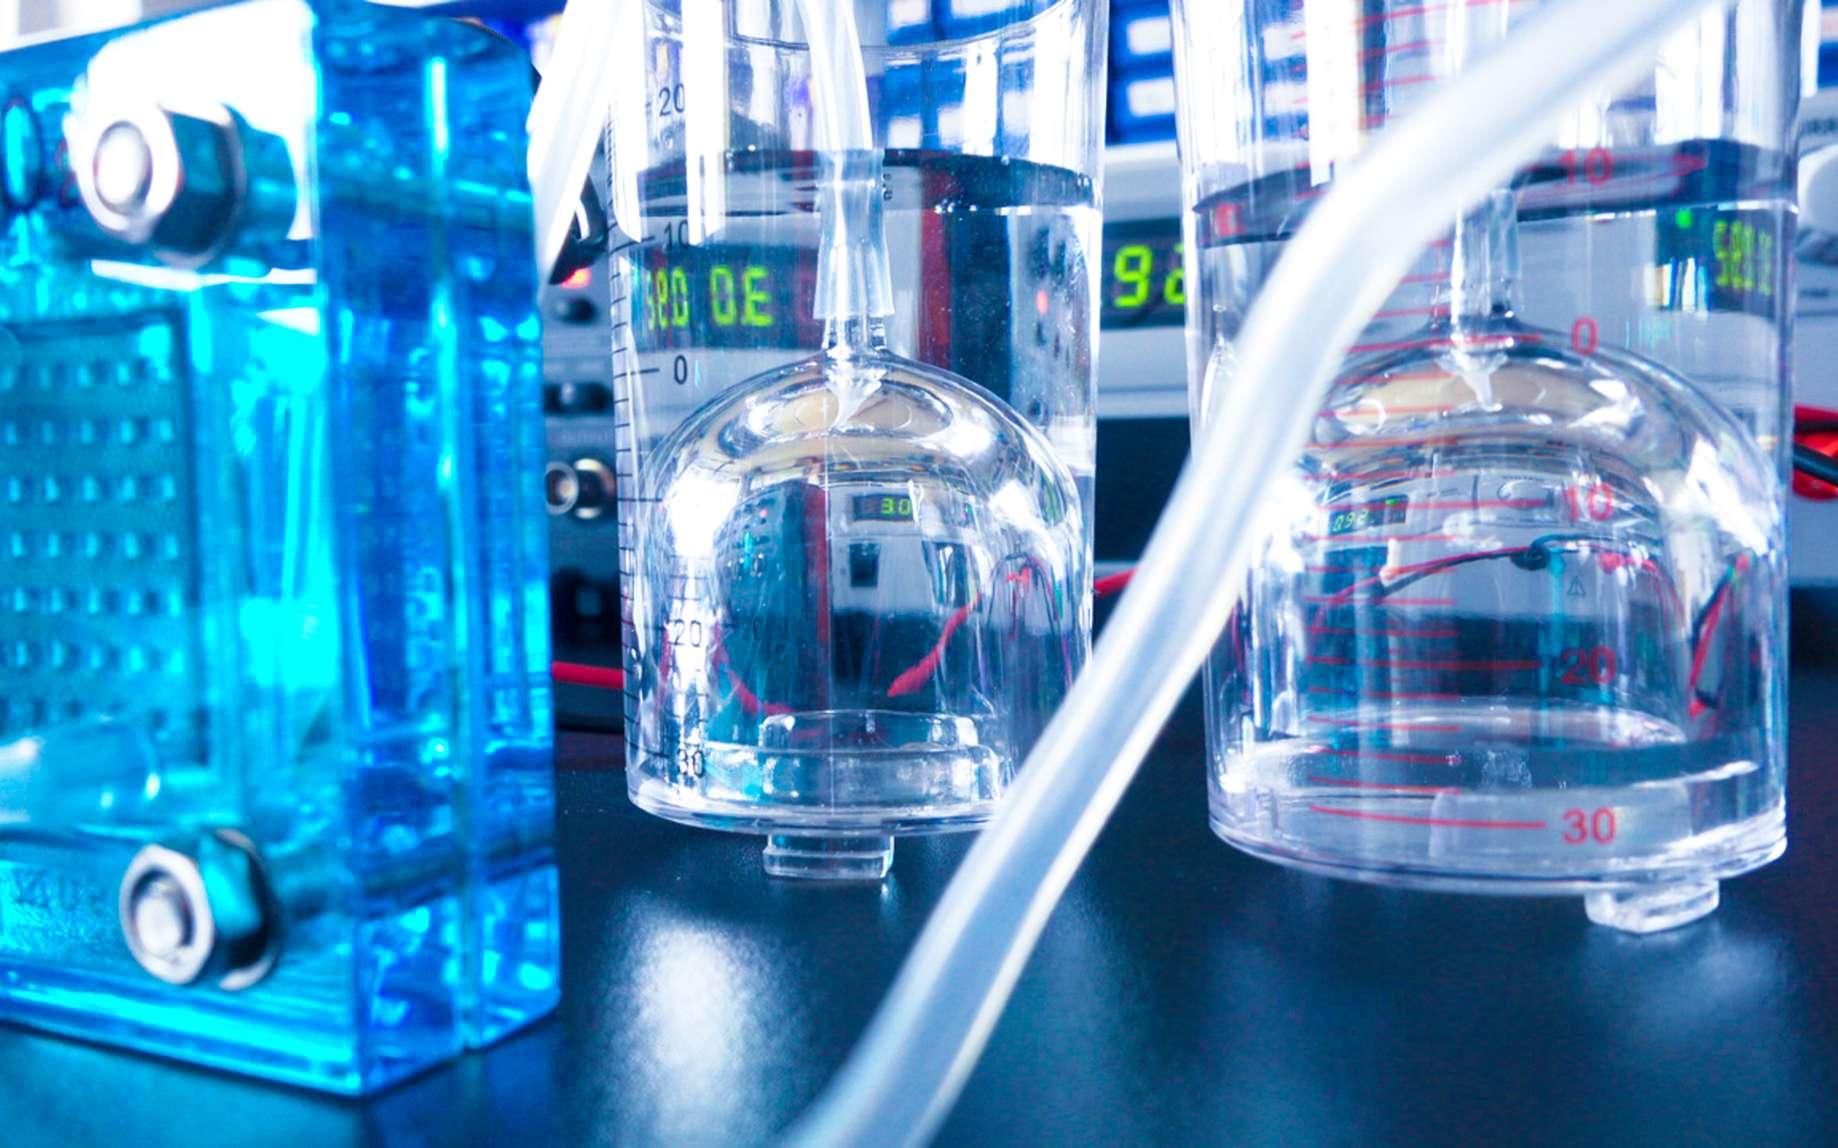 Comment produit-on de l'hydrogène ? Ici, une pile à combustible utilisant de l'hydrogène. © science photo, Fotolia